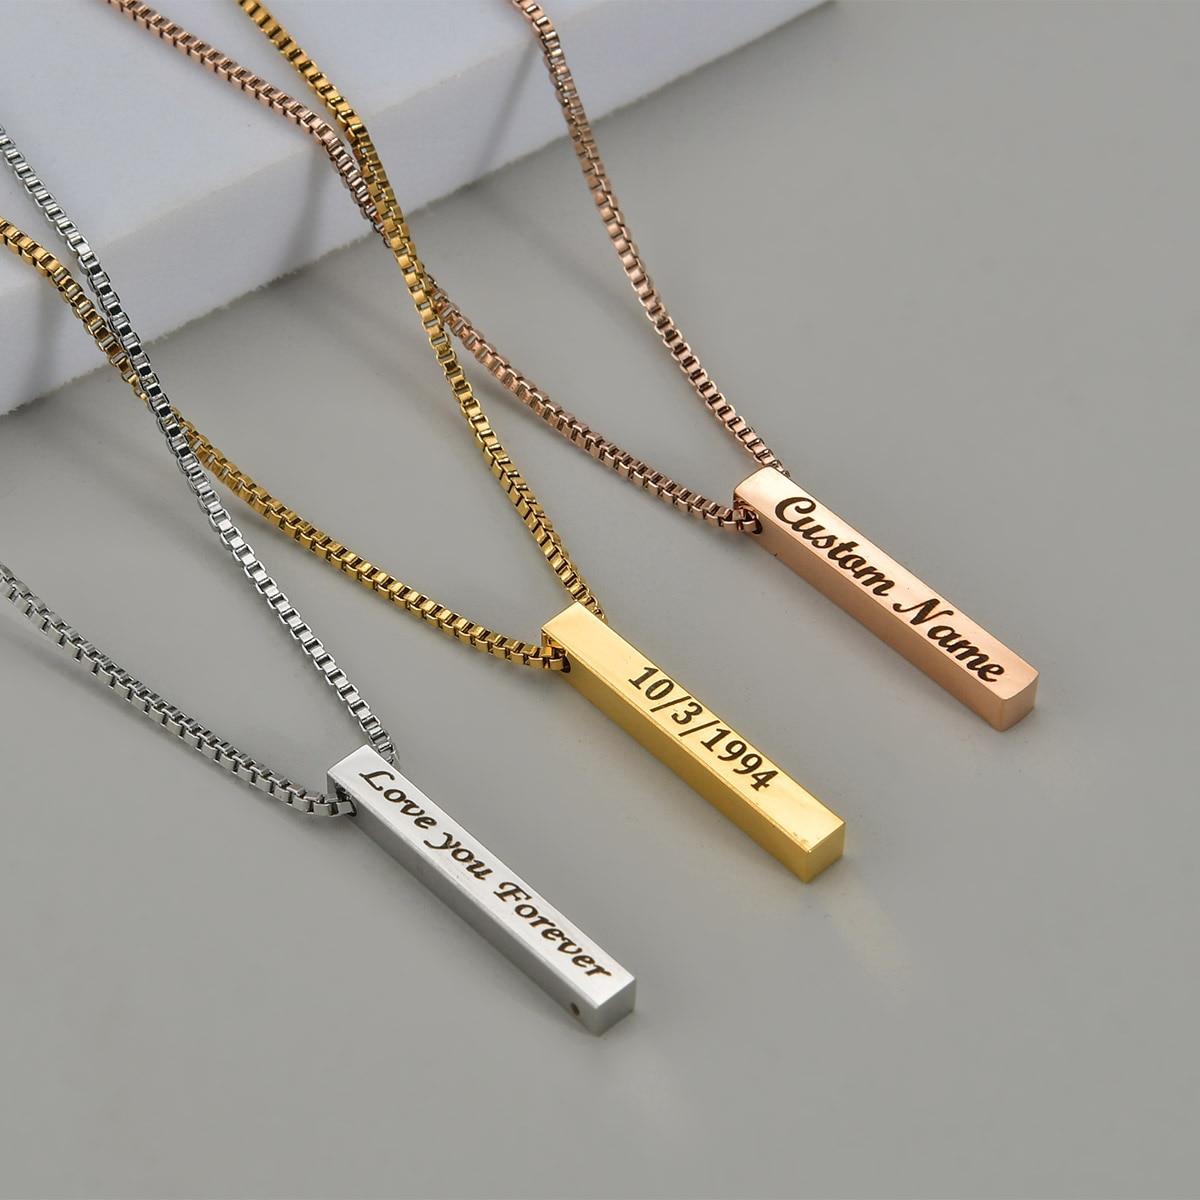 Четыре-стороны-гравировка-ожерелье-с-квадратной-подвеской-Новое-пользовательское-имя-ожерелье-ювелирные-изделия-нержавеющей-стали-цепи-к